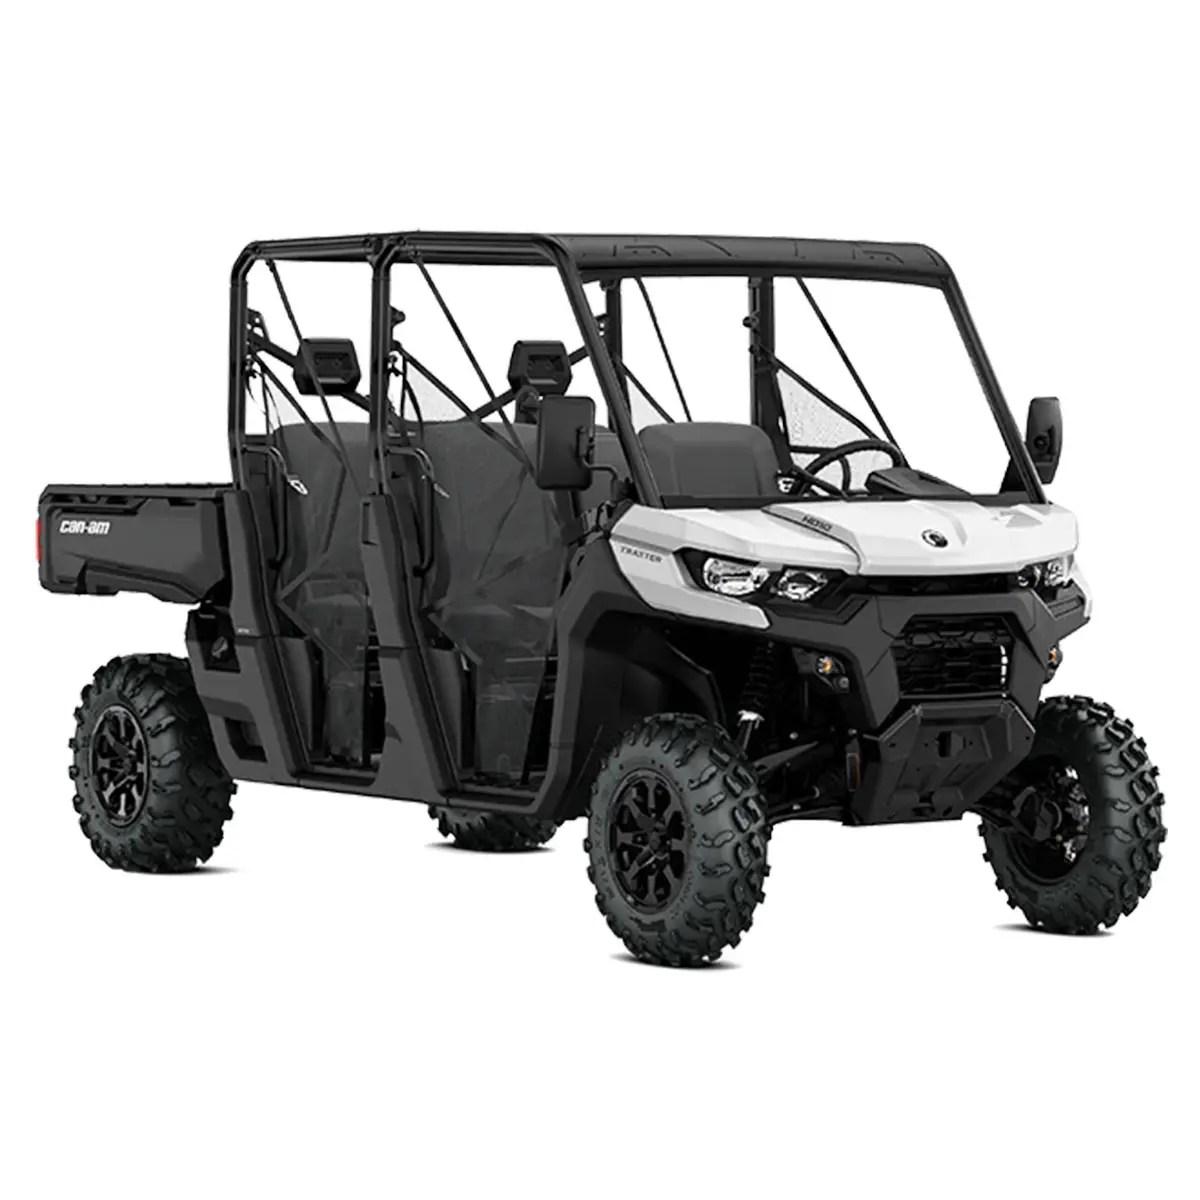 Traxter-MAX-DPS-HD10-T